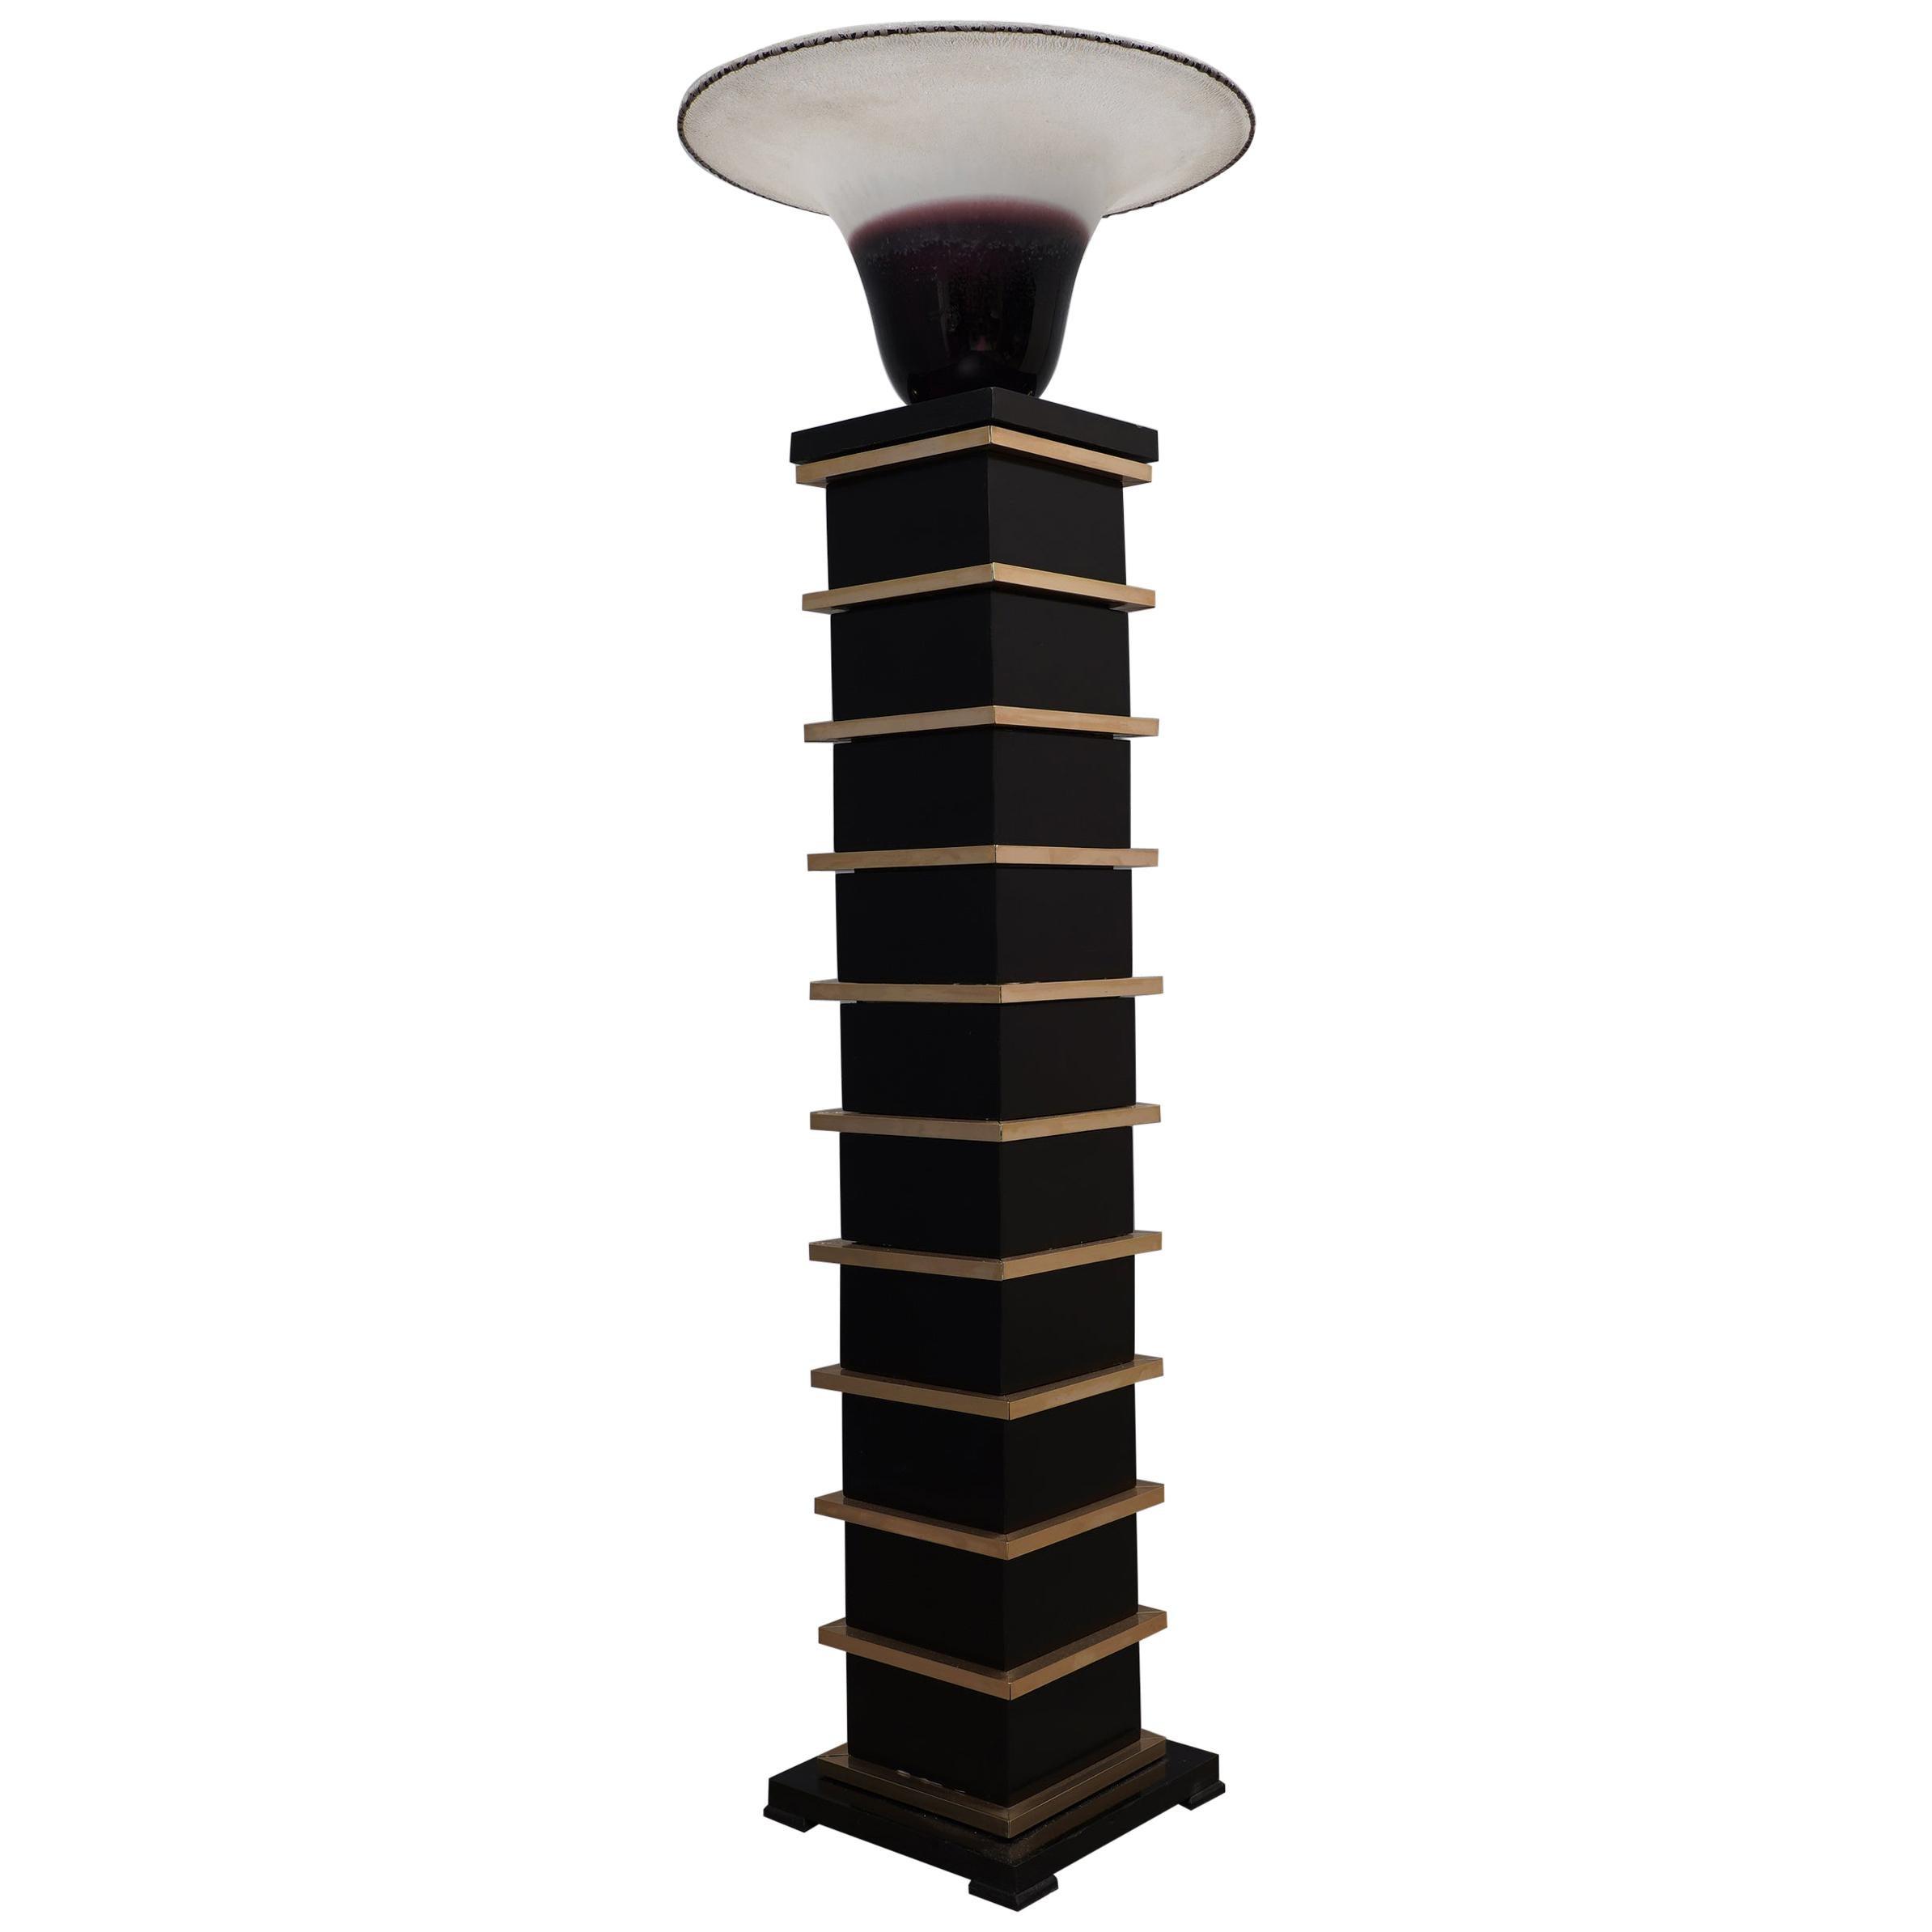 Barbini Murano Glass and Brass Midcentury Floor Lamp, 1950